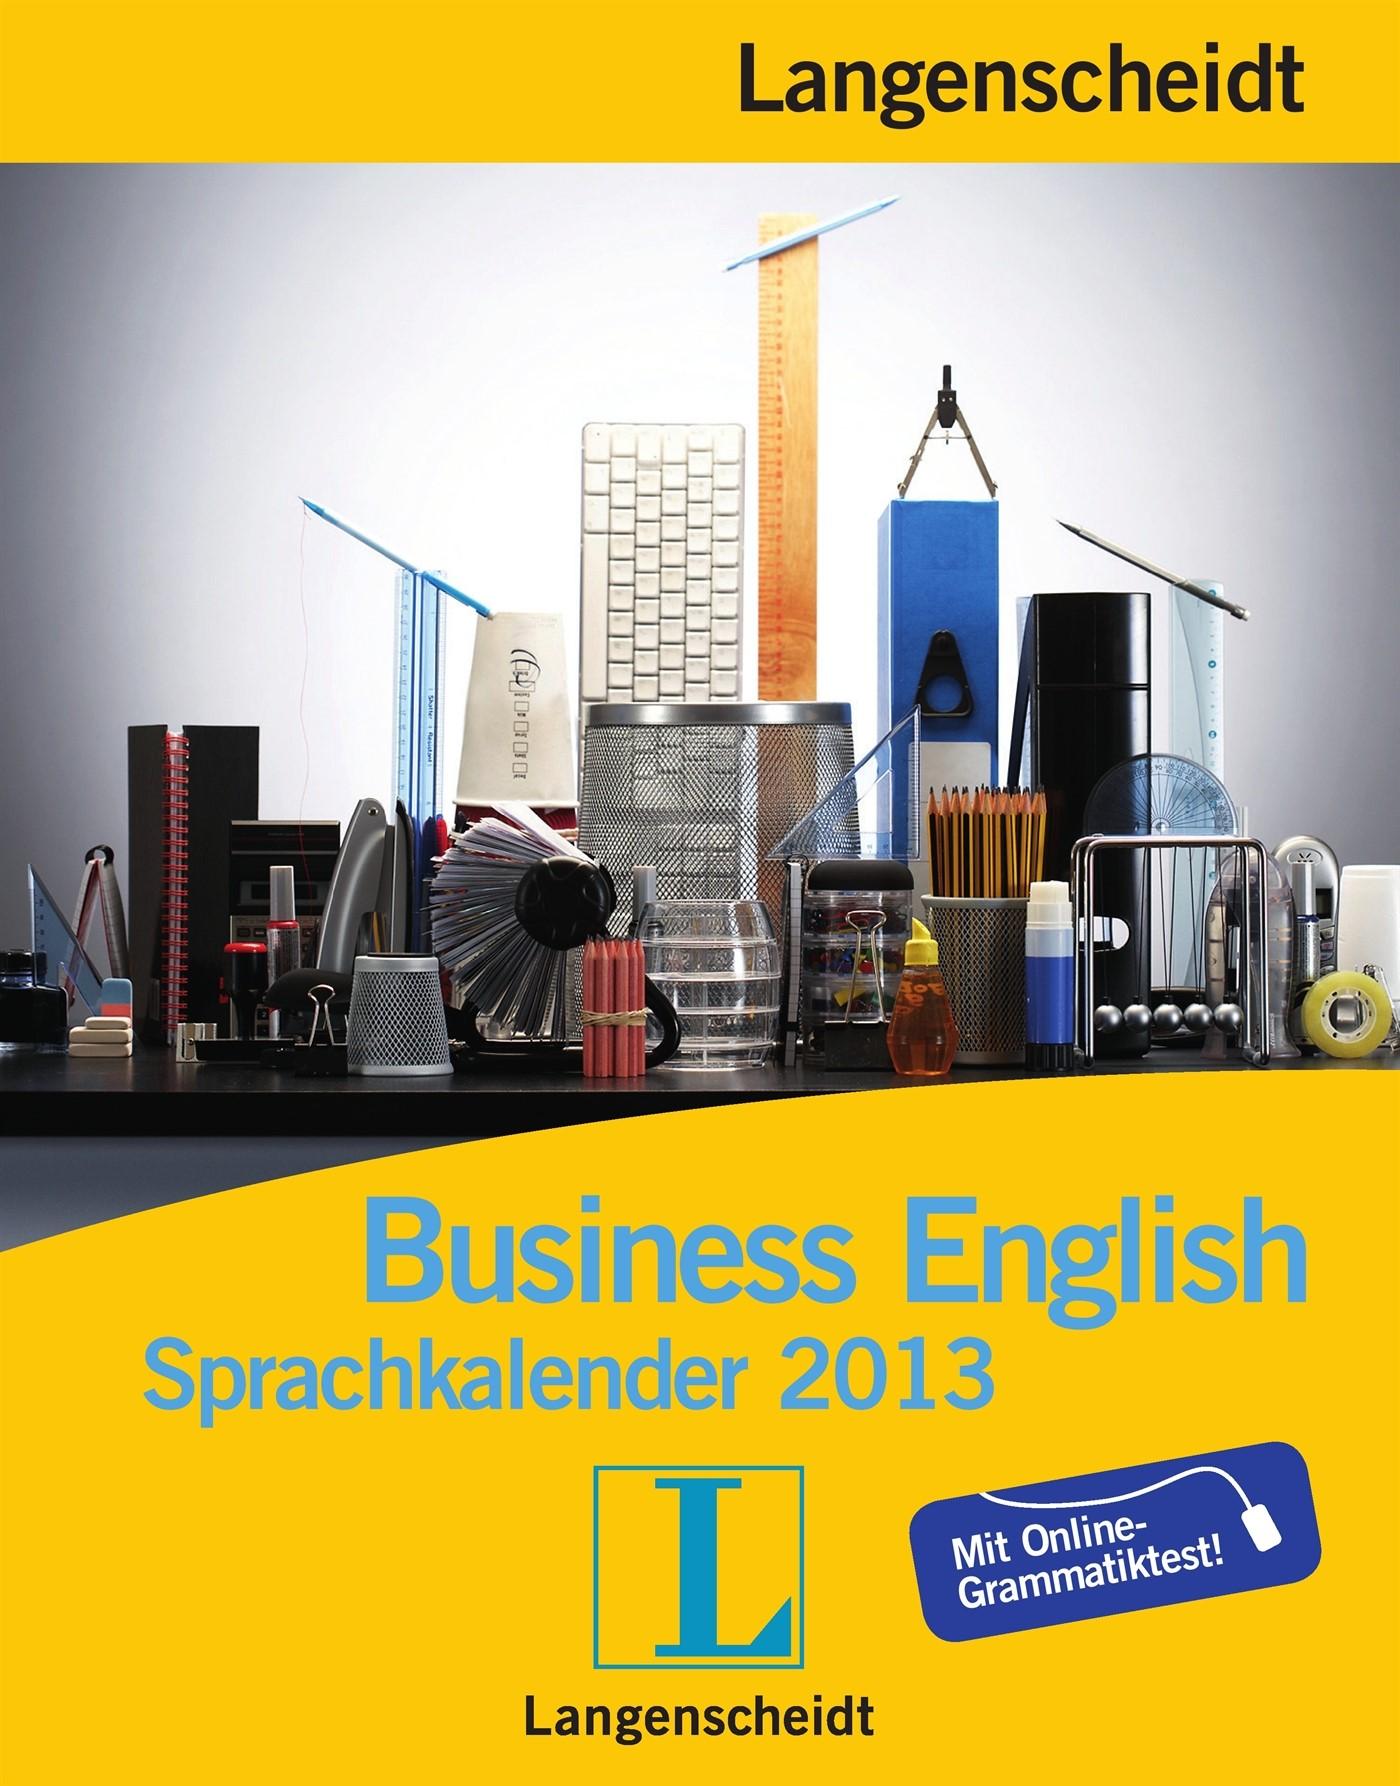 Langenscheidt Sprachkalender 2013 Business English, 2012 (Cover)